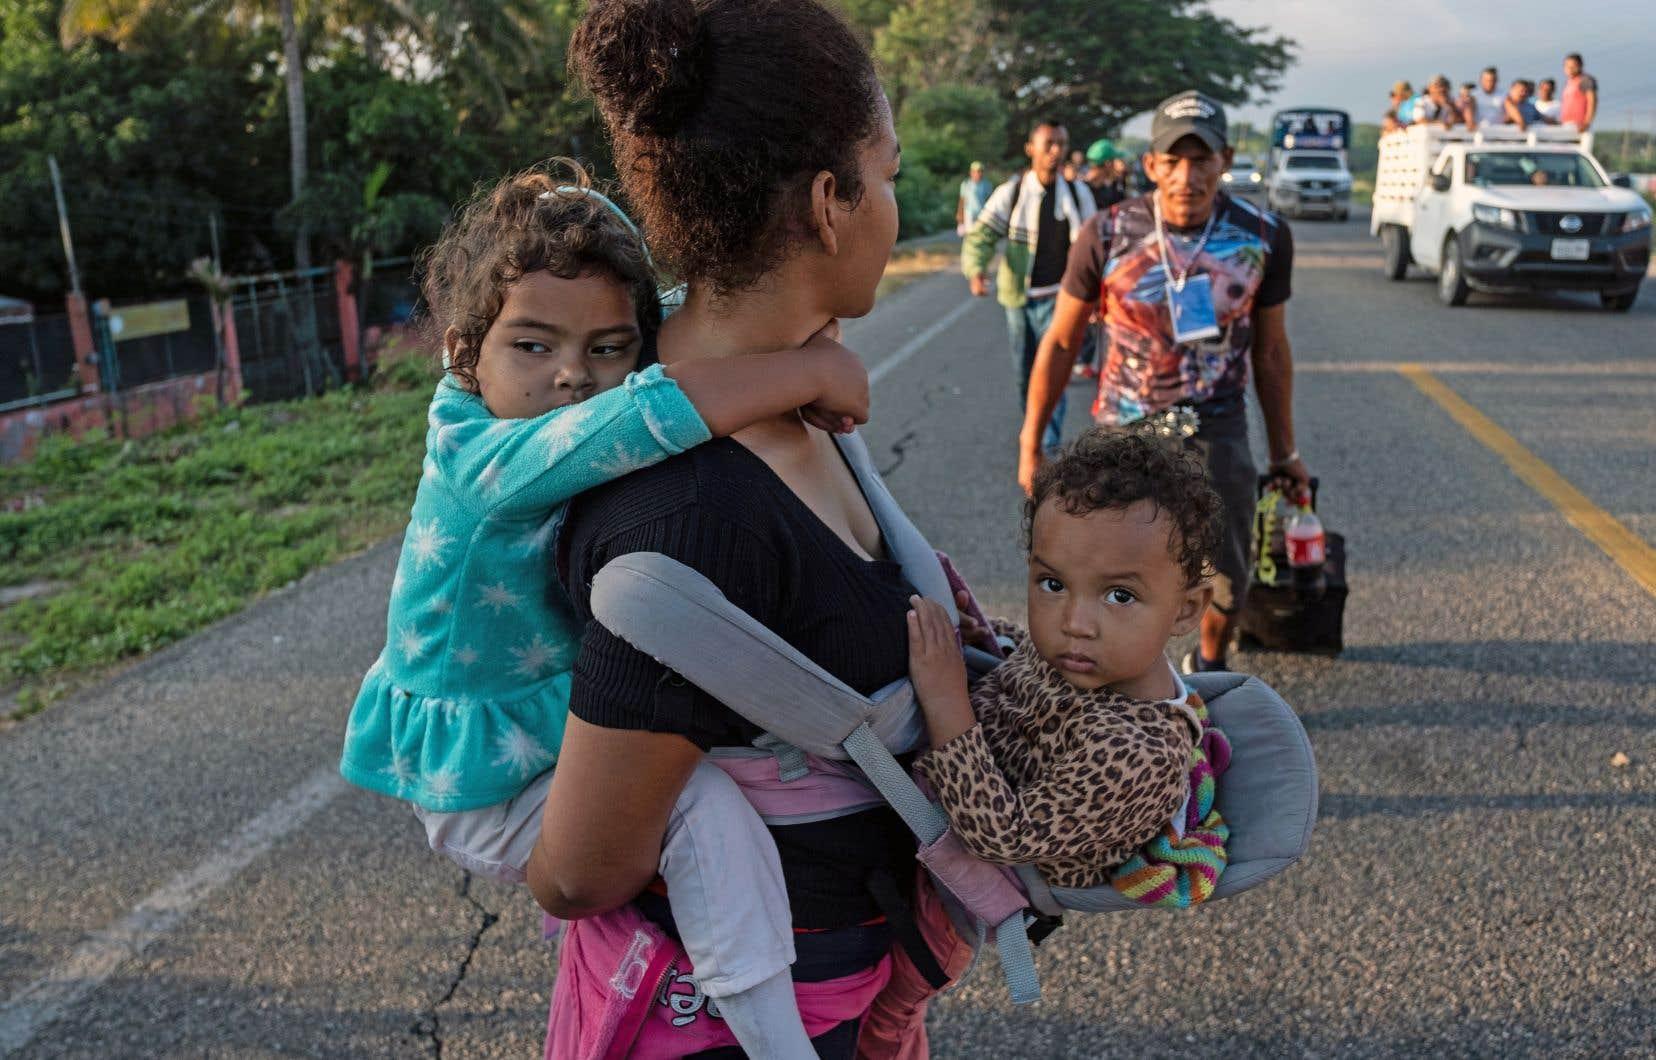 Au moment où une vague de migrants s'approche des États-Unis, Donald Trump a signé un décret pour rejeter automatiquement les demandes d'asile déposées par des personnes ayant traversé illégalement la frontière.